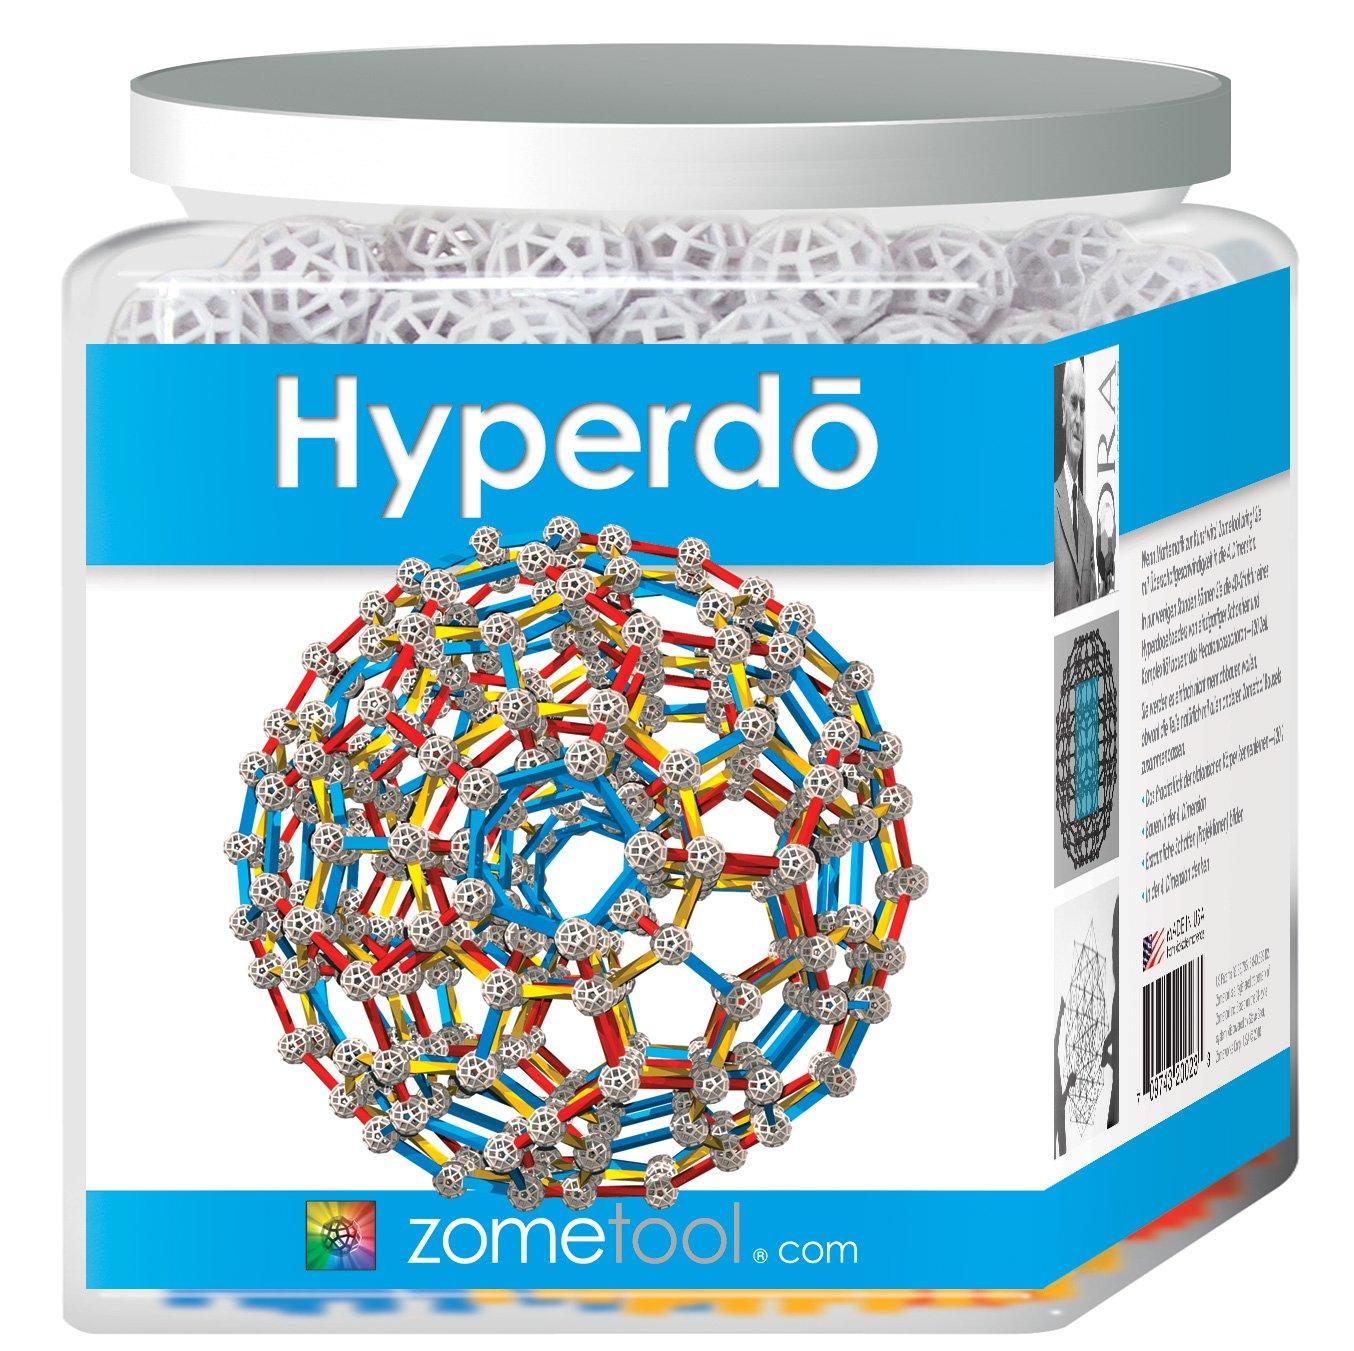 Zometool Hyperdo Science Kit by Zometool (Image #1)